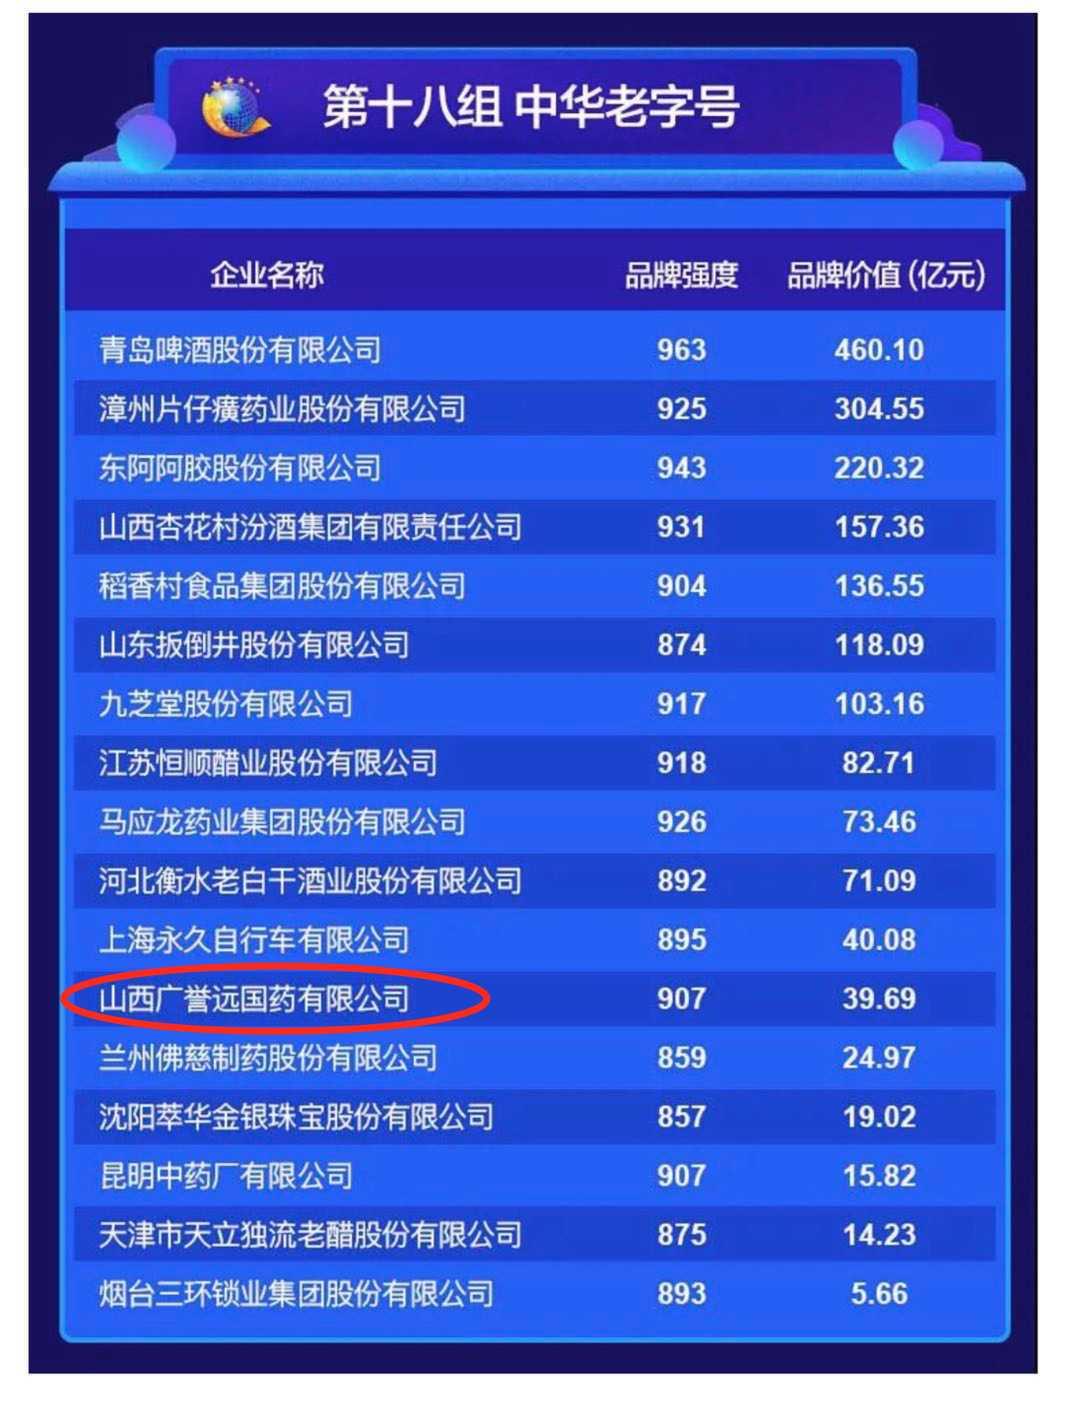 2020中國品牌價值榜揭曉 廣譽遠榮登中華老字號品牌價值榜單